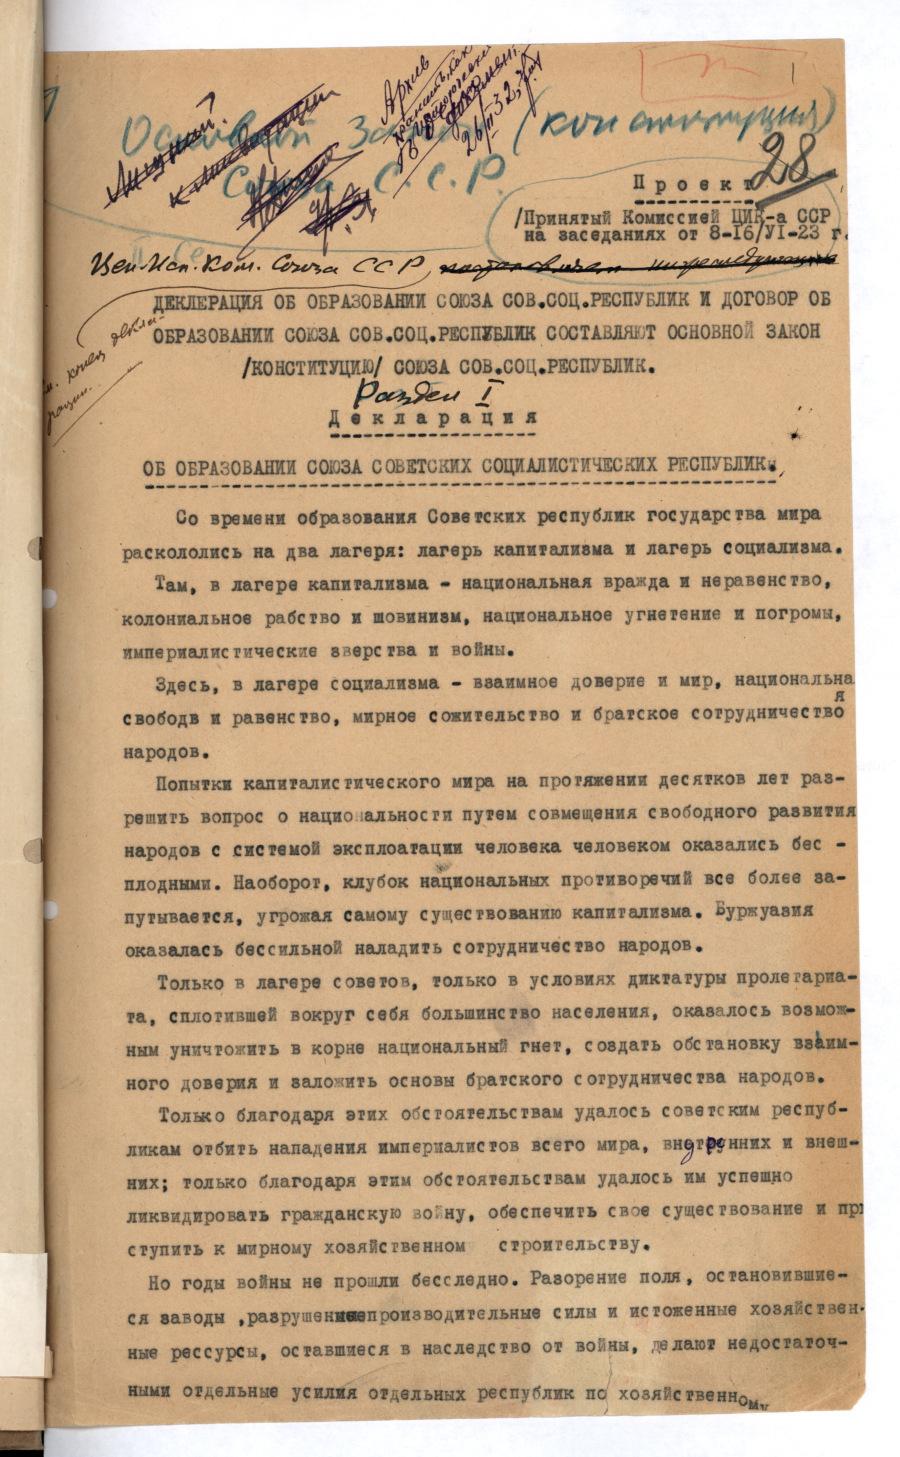 Проект основного закона (Конституции) Союза СССР 1924 года. 1 стр